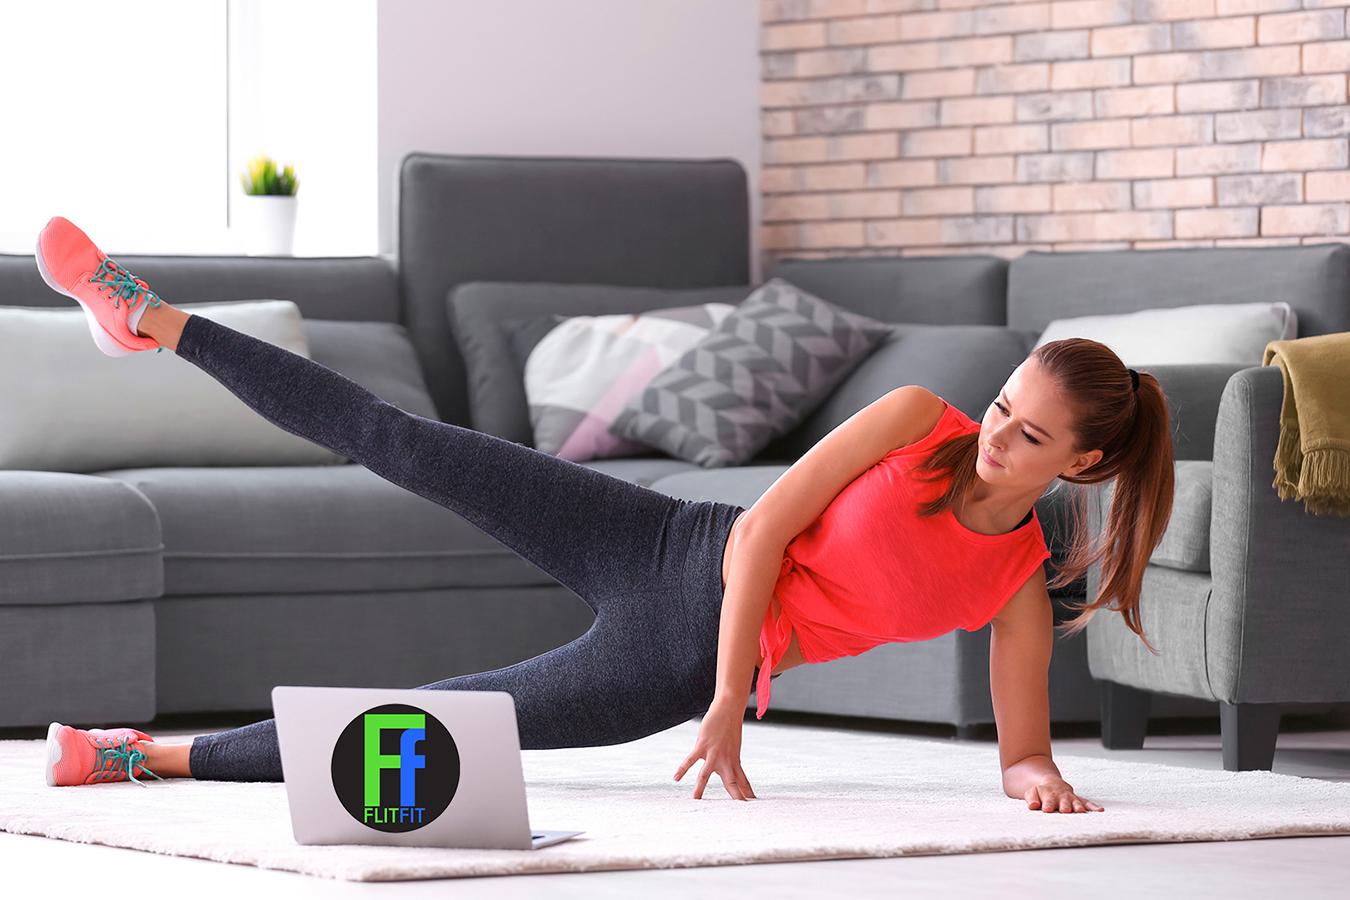 Digital fitness, palestre protagoniste anche della nuova era del fitness in streaming